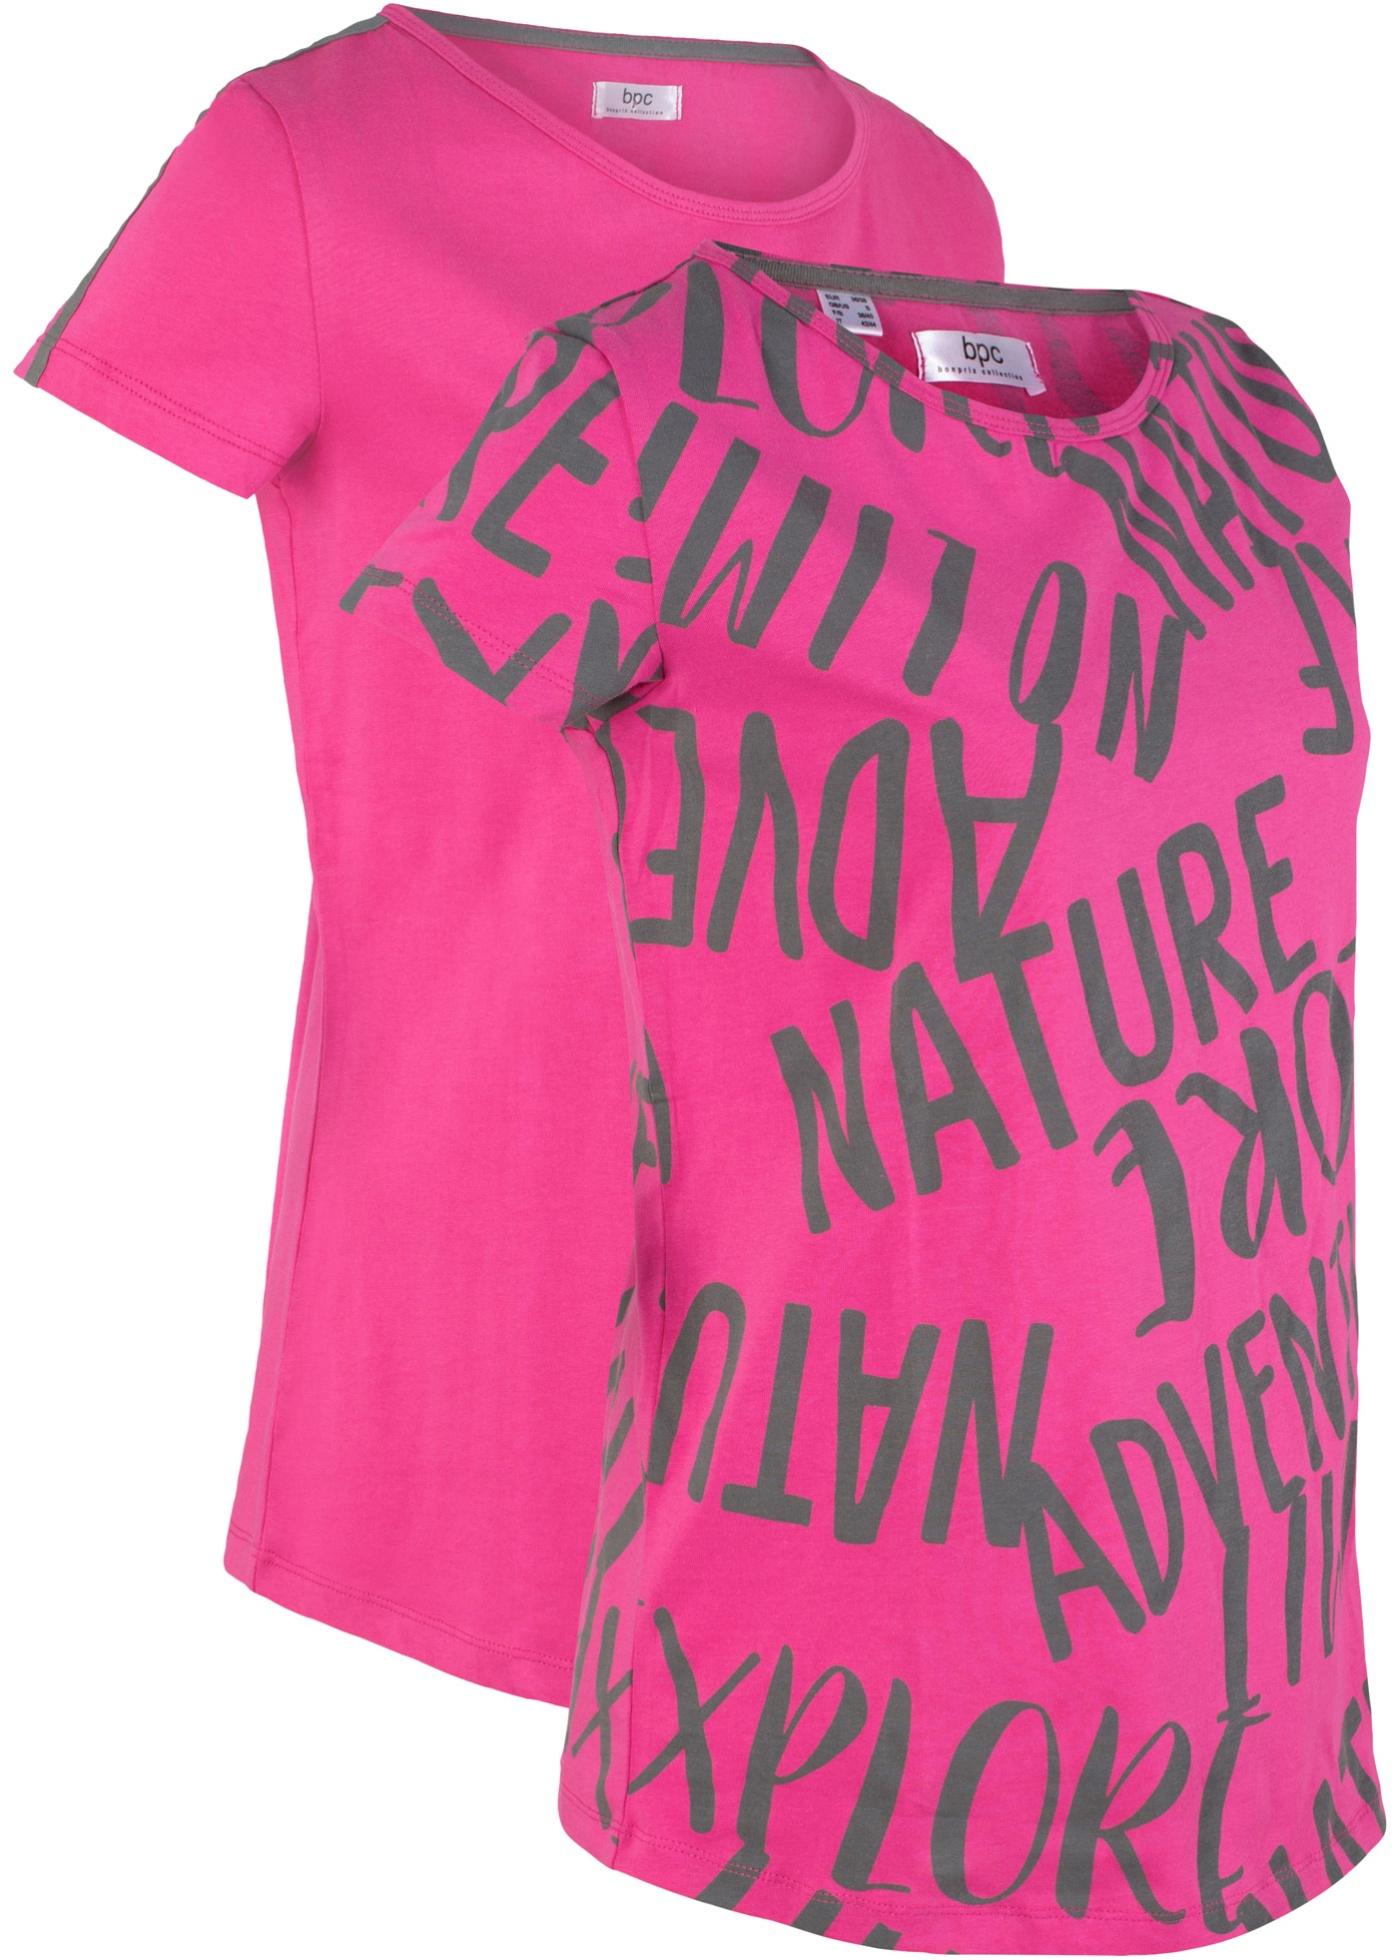 Sport De T CotonManches Fuchsia Pour Femme Bonprix CollectionLot 2 shirts Bpc Courtes En PkXZuOi